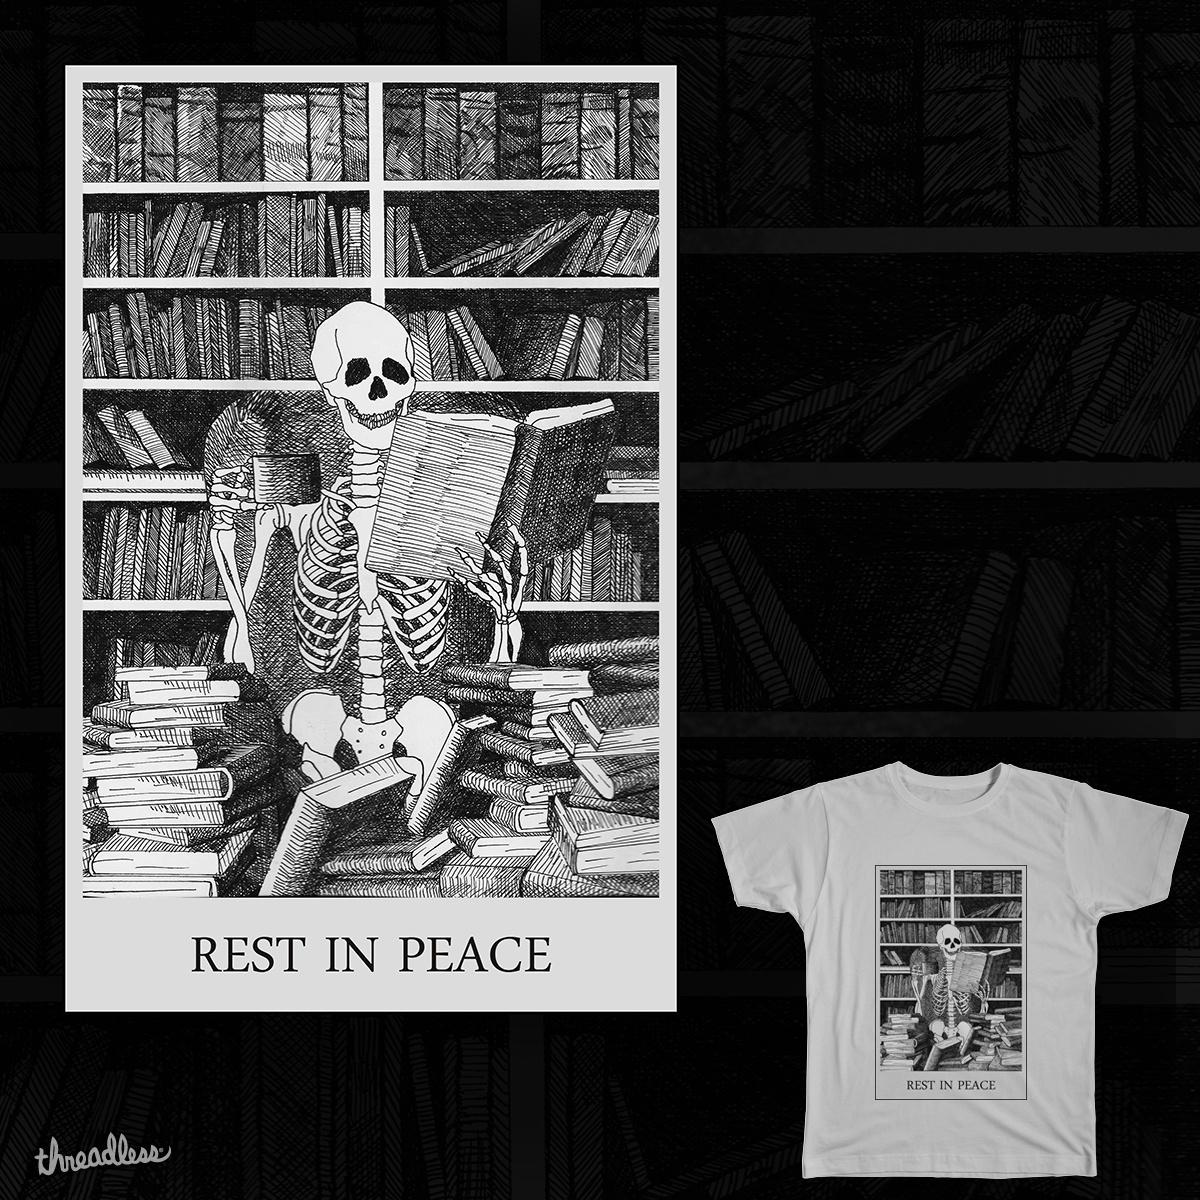 RIP by amandavieira on Threadless